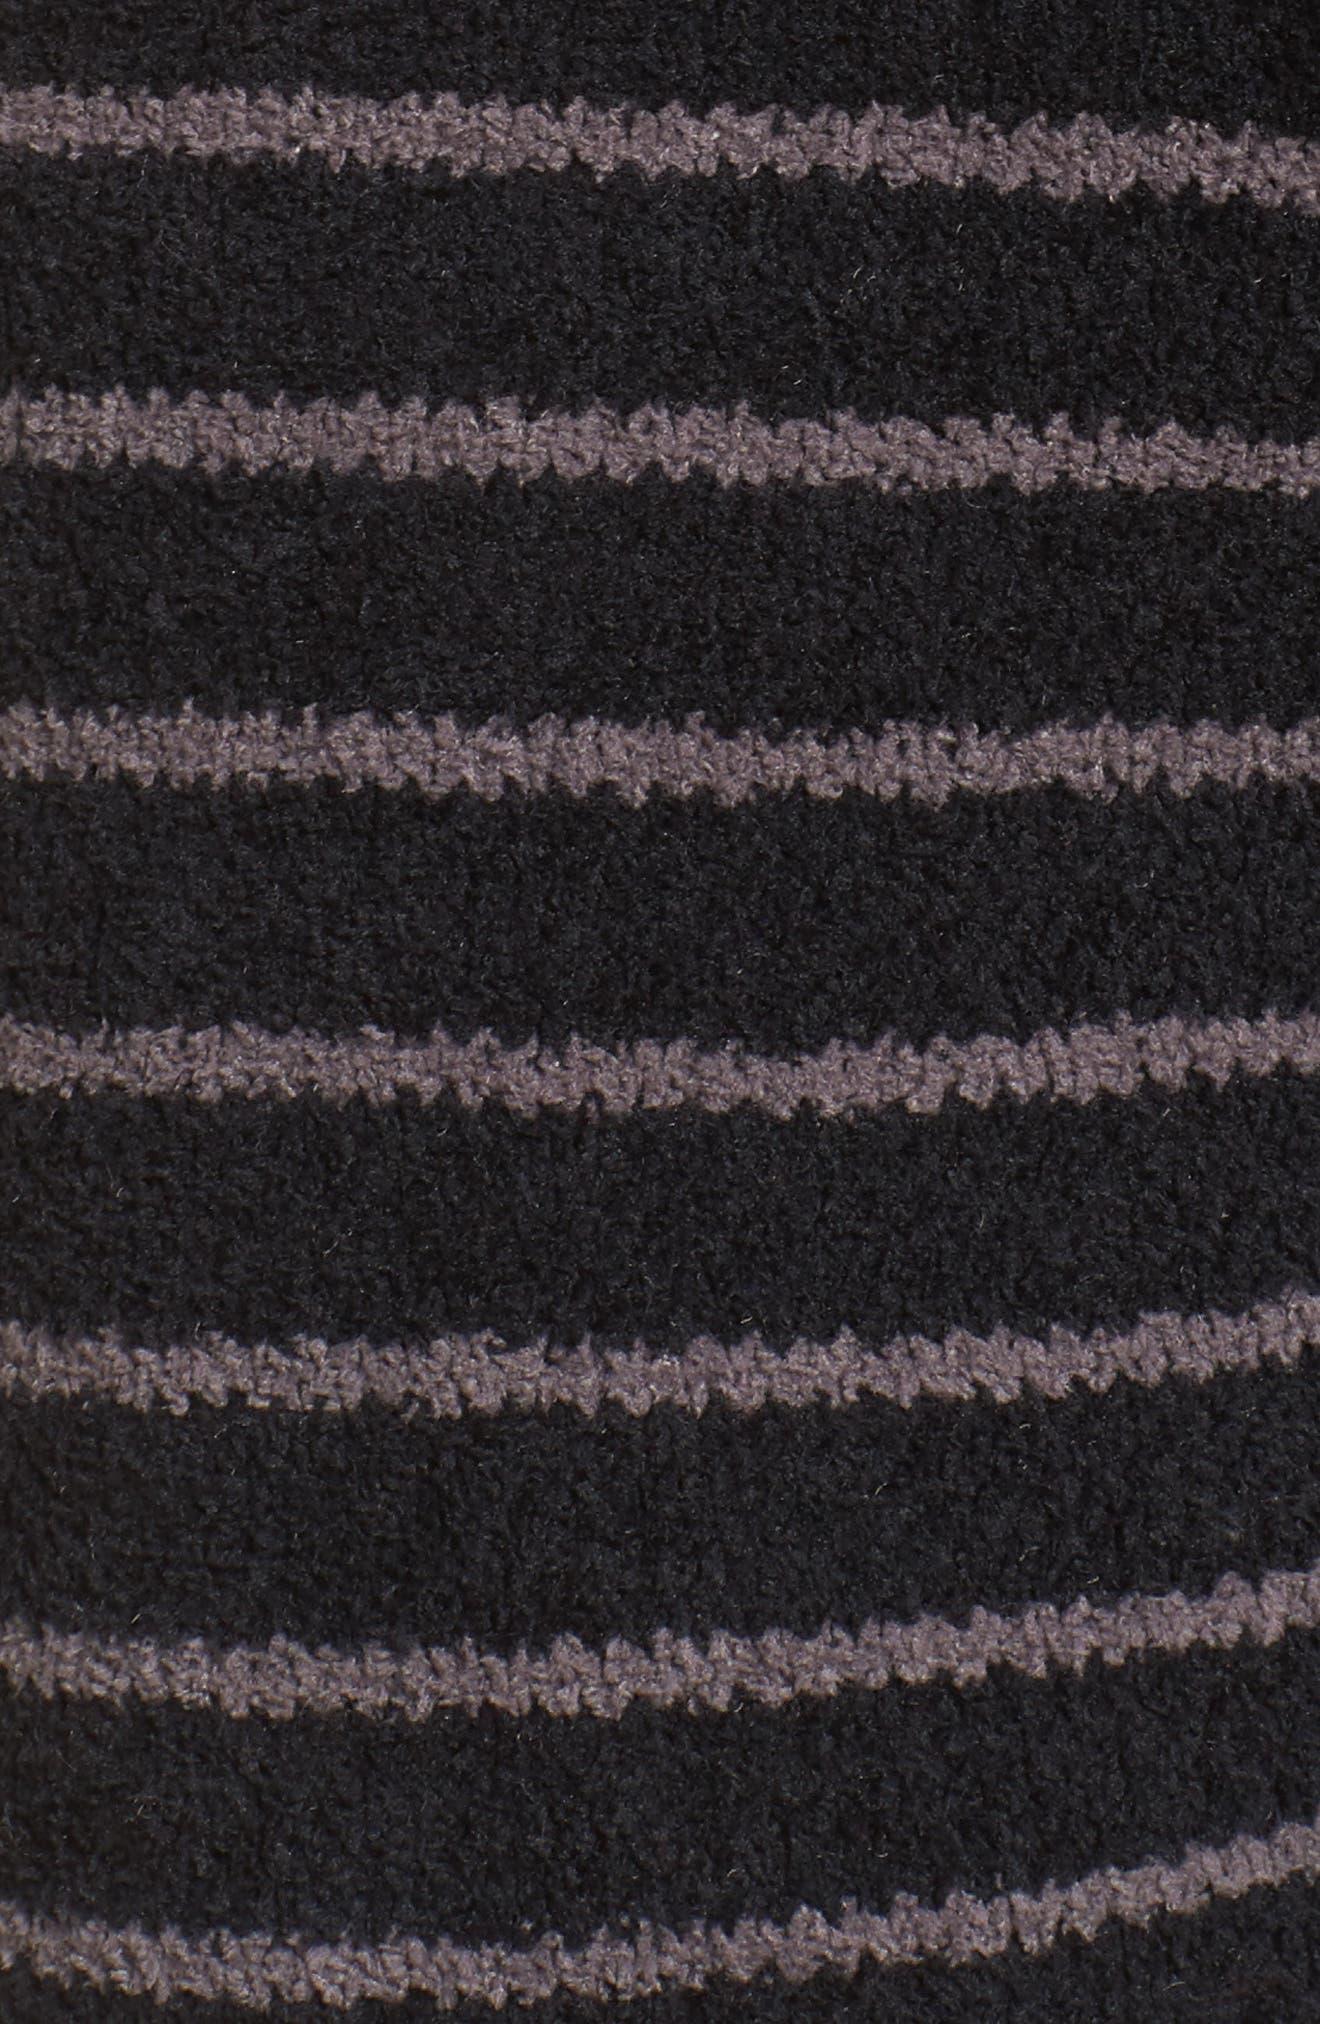 Marshmallow Lounge Jogger Pants,                             Alternate thumbnail 5, color,                             001